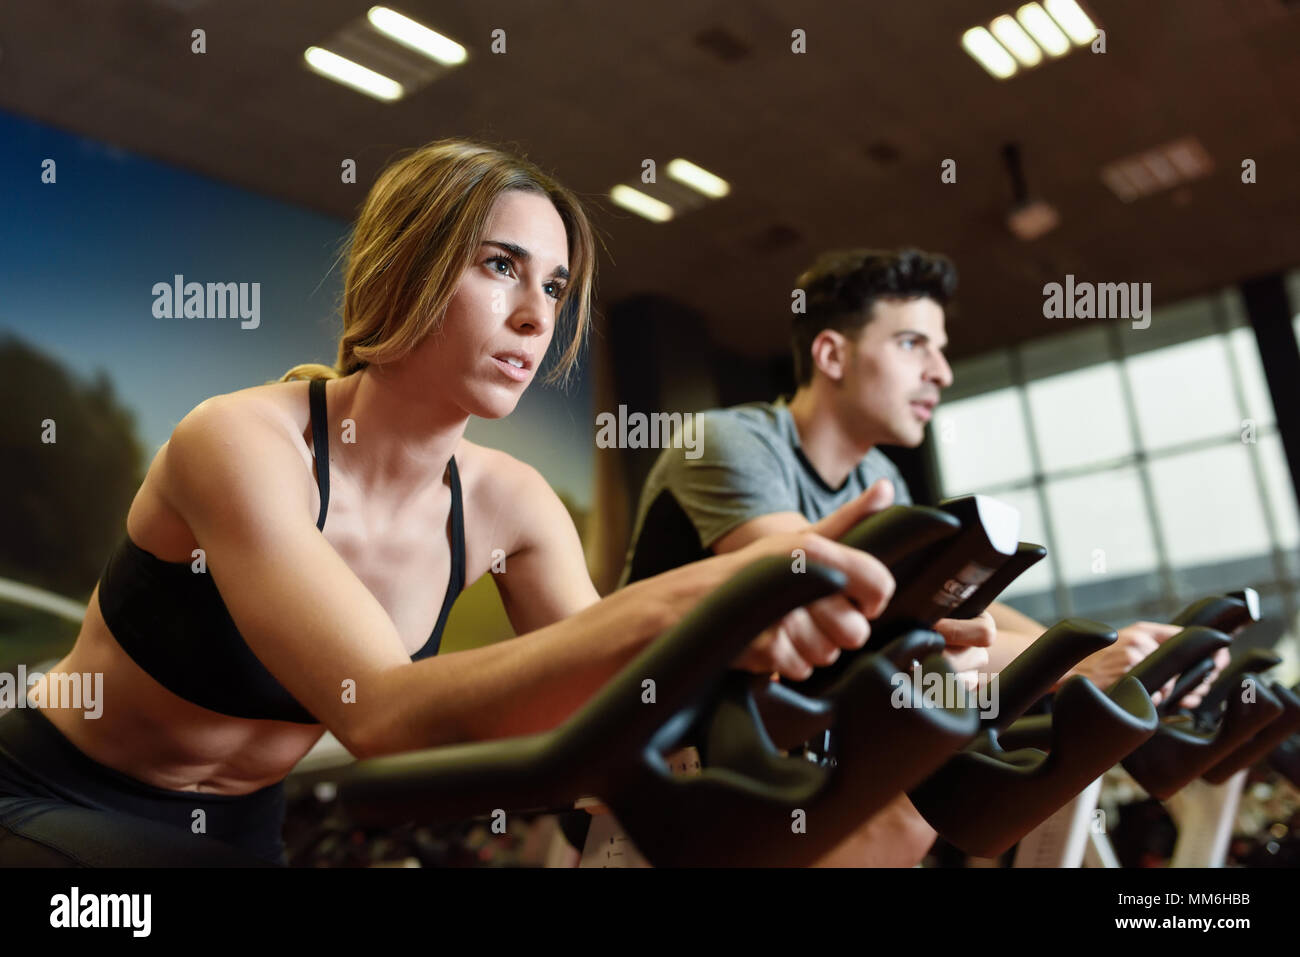 Hombre y mujer atractiva en bicicleta en el gimnasio, ejercitando las piernas haciendo ejercicios de cardio bicicletas de ciclismo. Pareja en una clase de spinning vistiendo ropa deportiva. Imagen De Stock